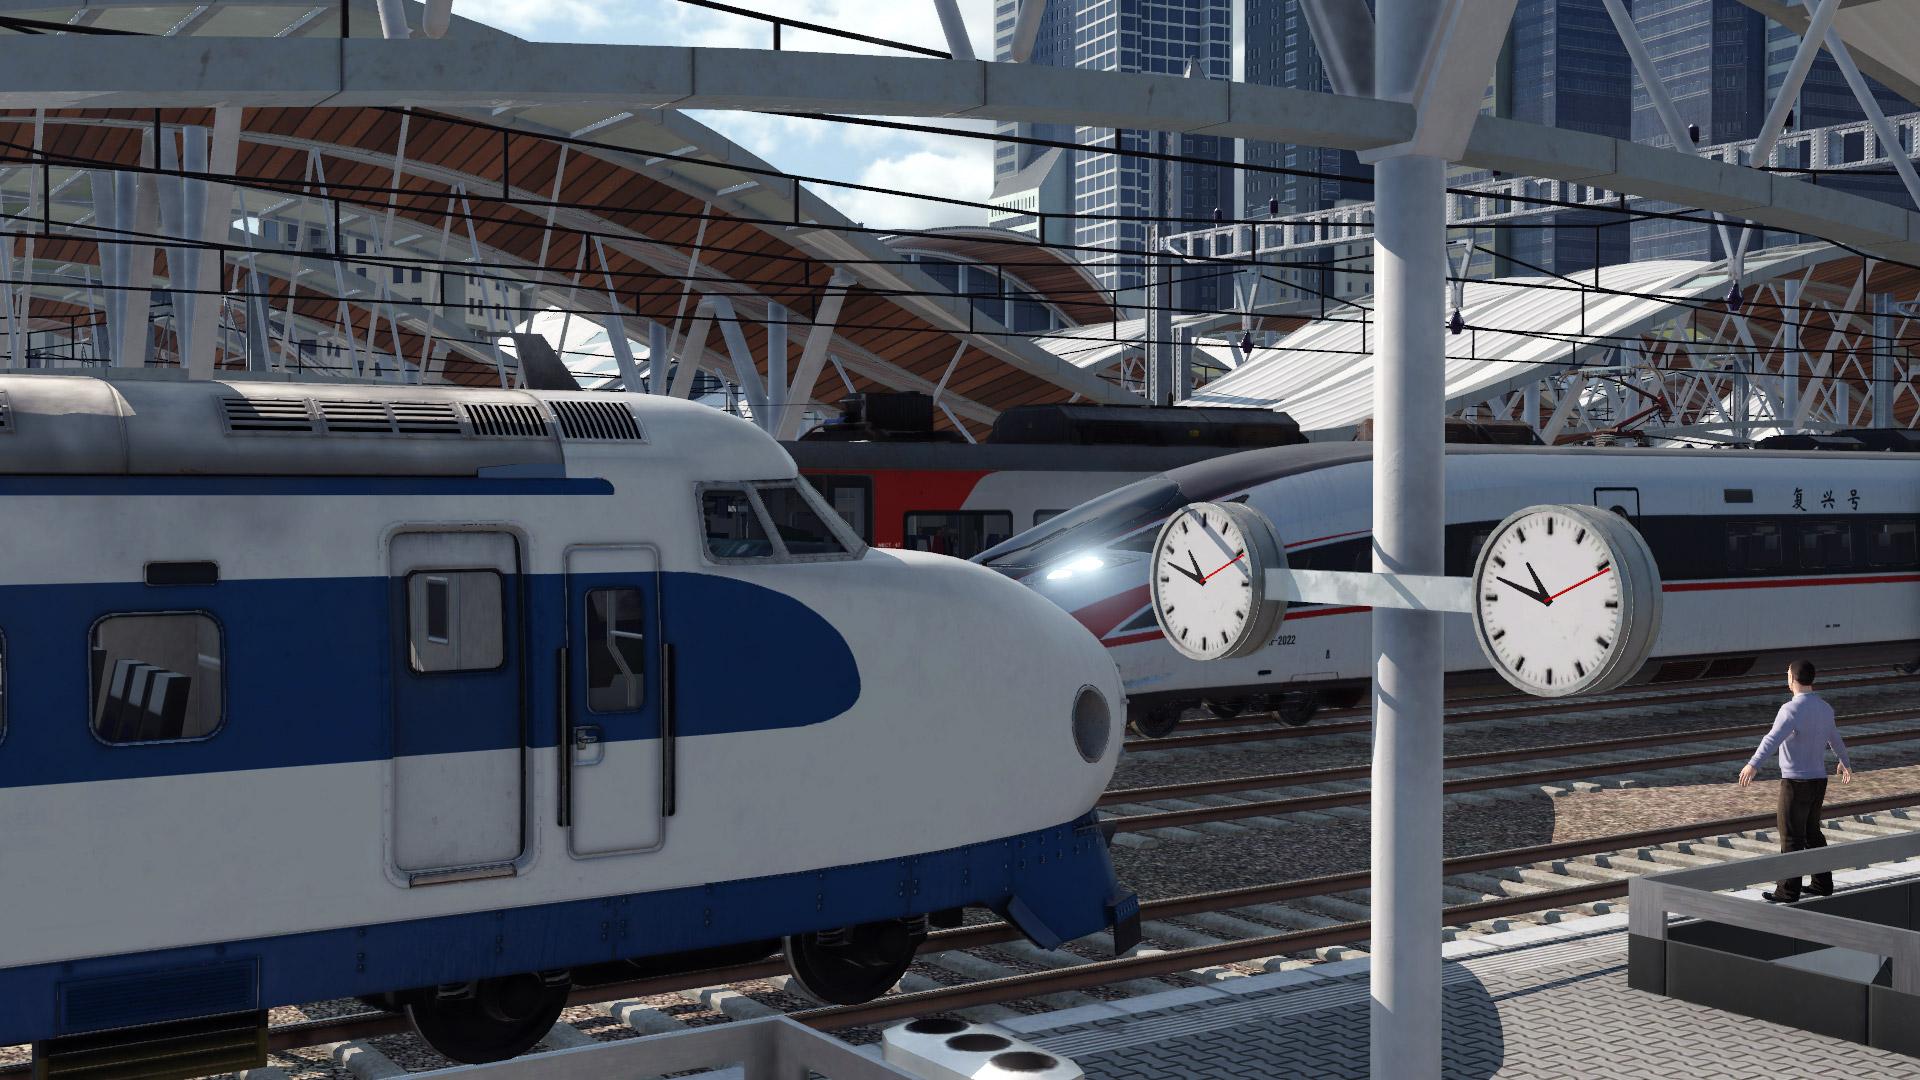 ประหยัด 25% สำหรับ Transport Fever 2 บน Steam